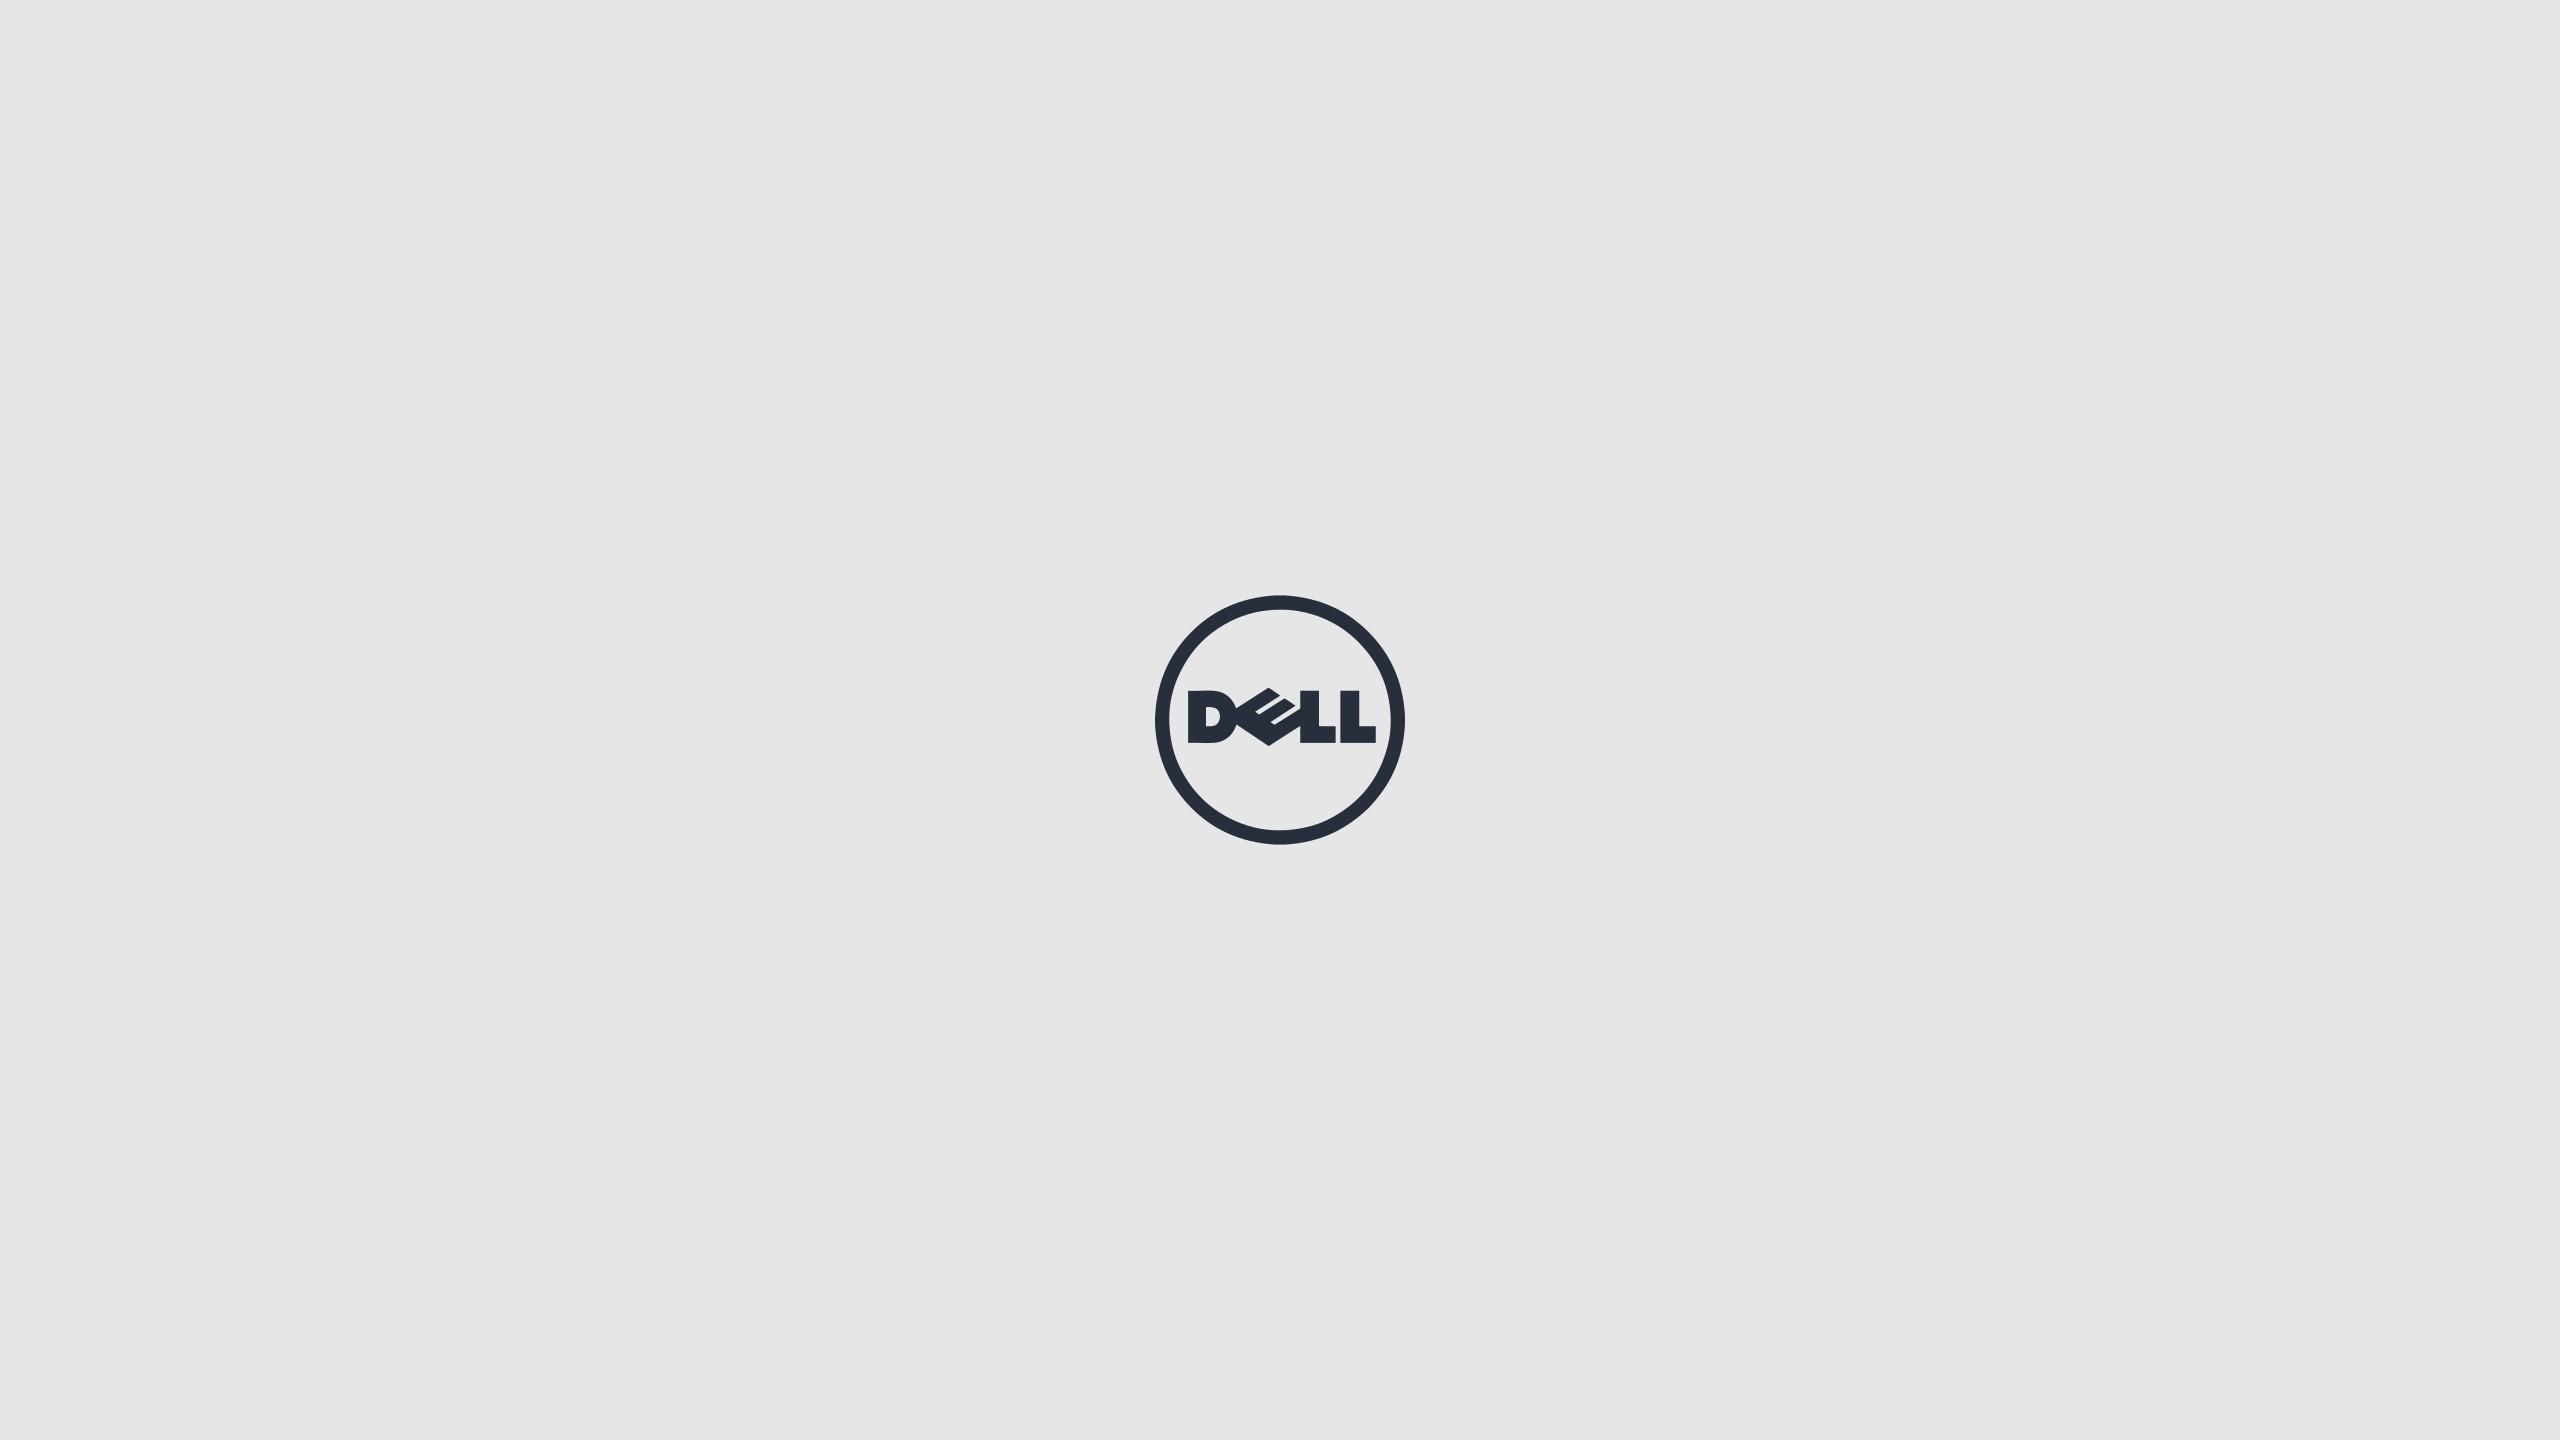 Papel De Parede : 2560x1440 Px, Marcas, Dell, Logotipo